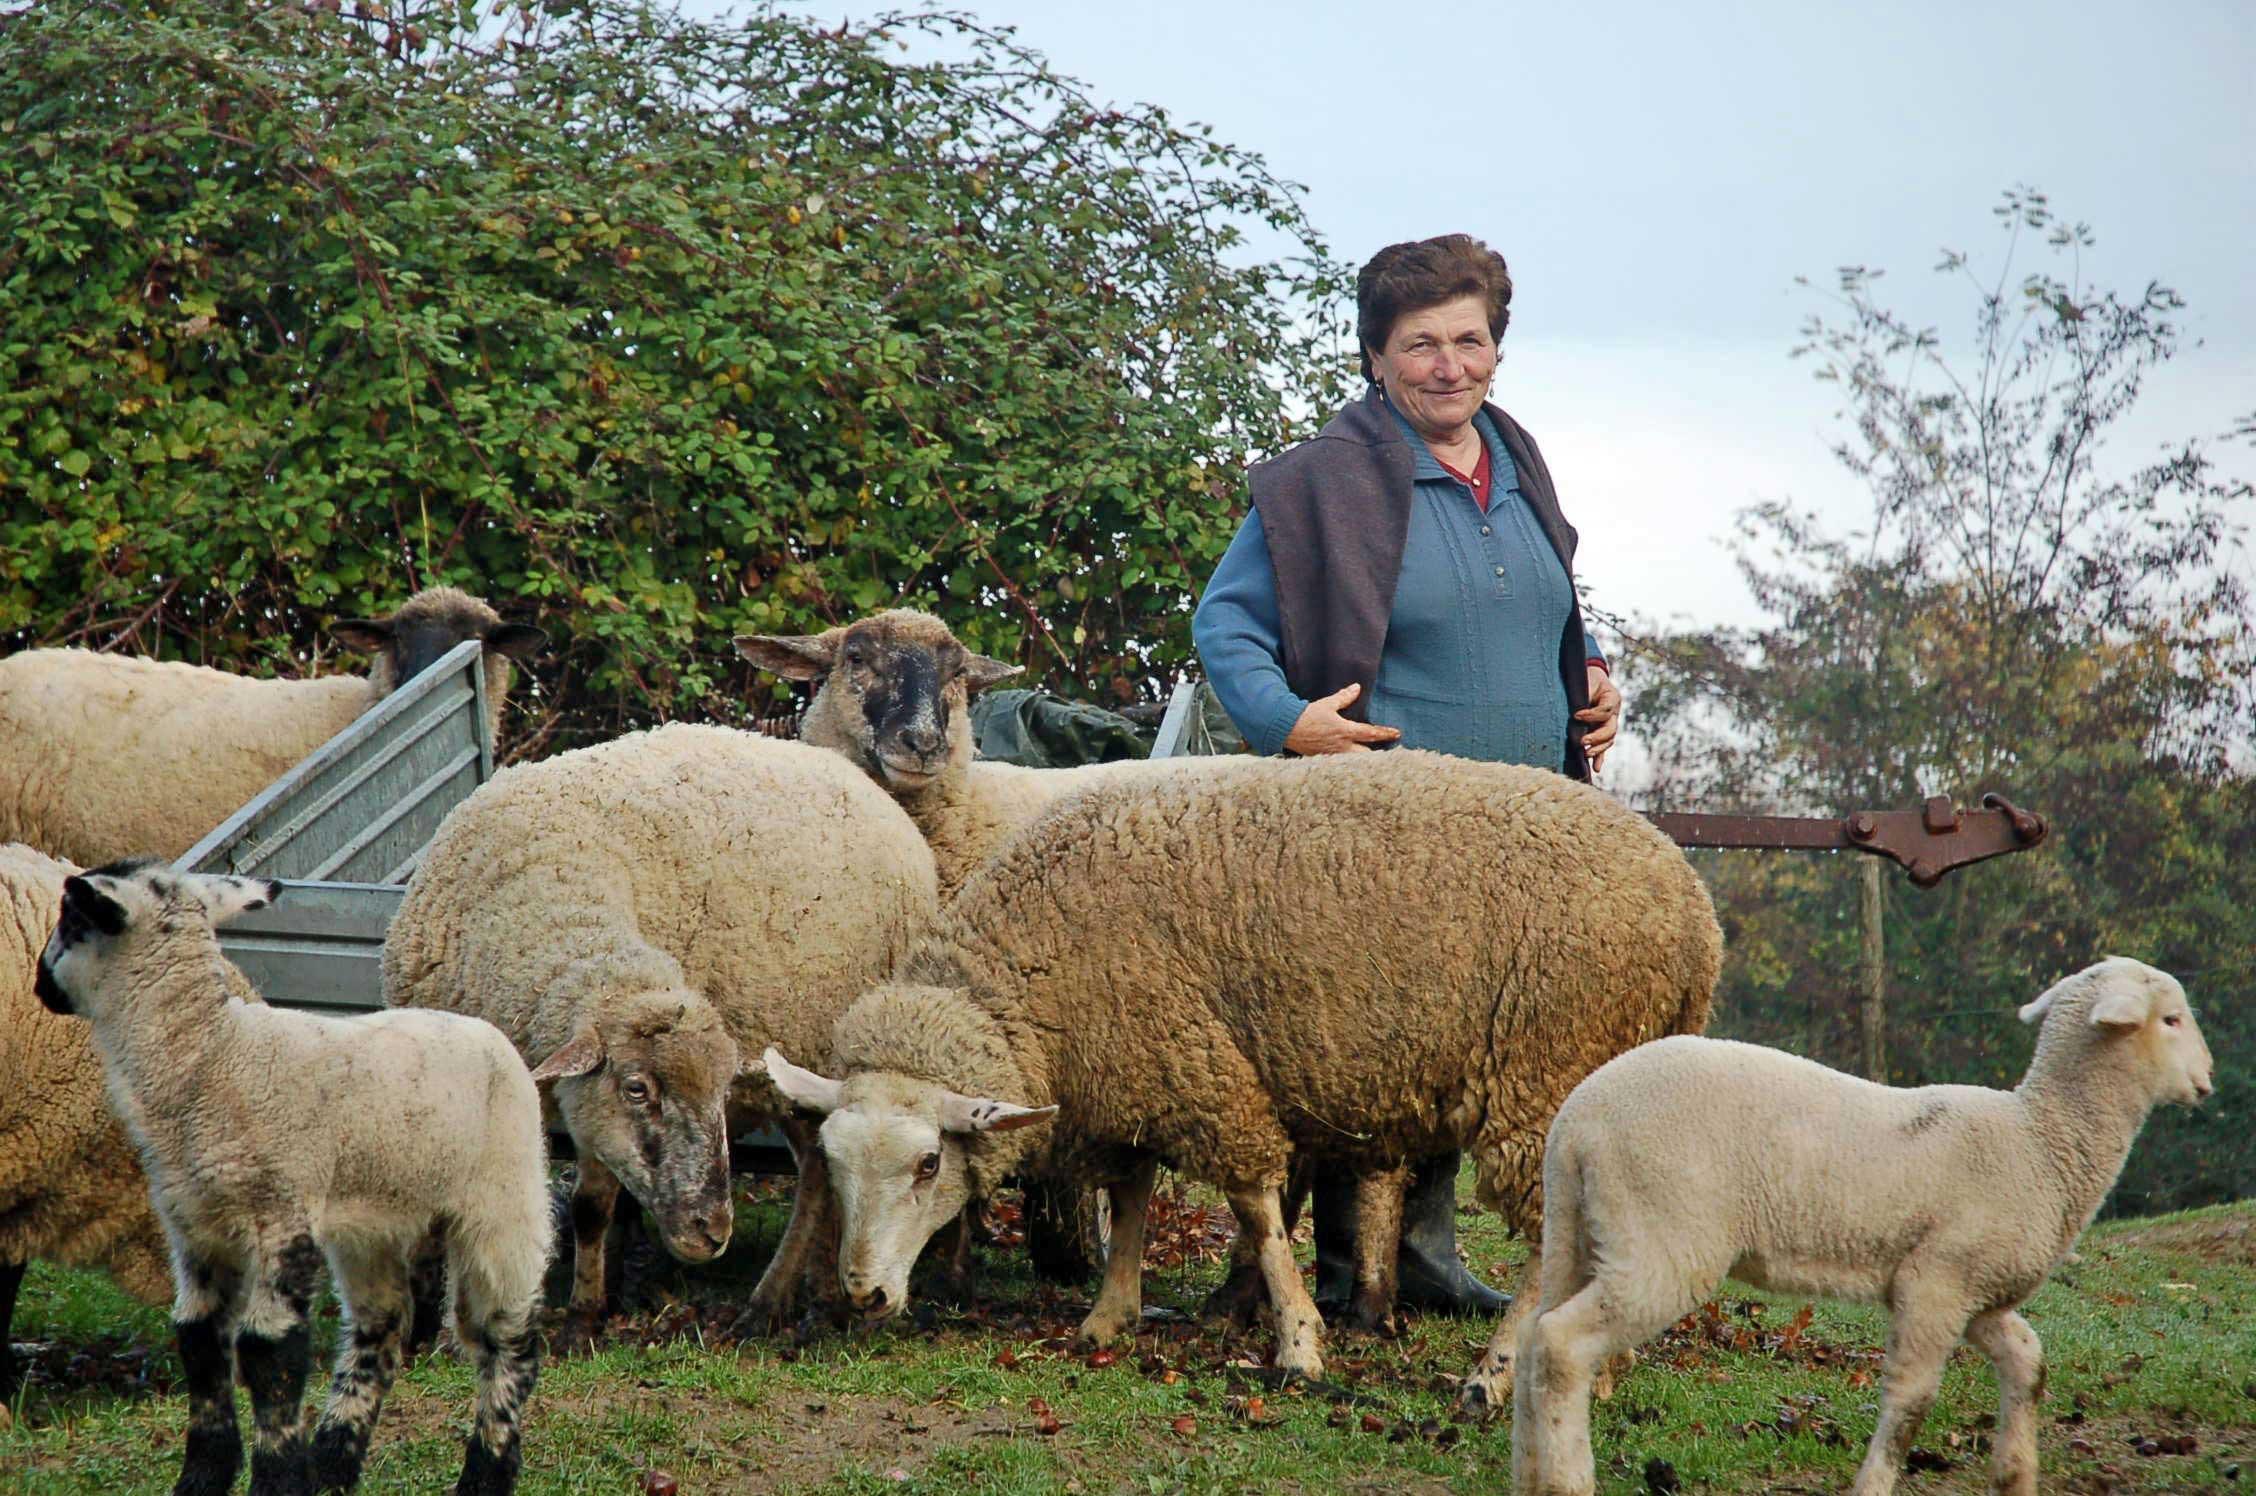 Tending the sheep